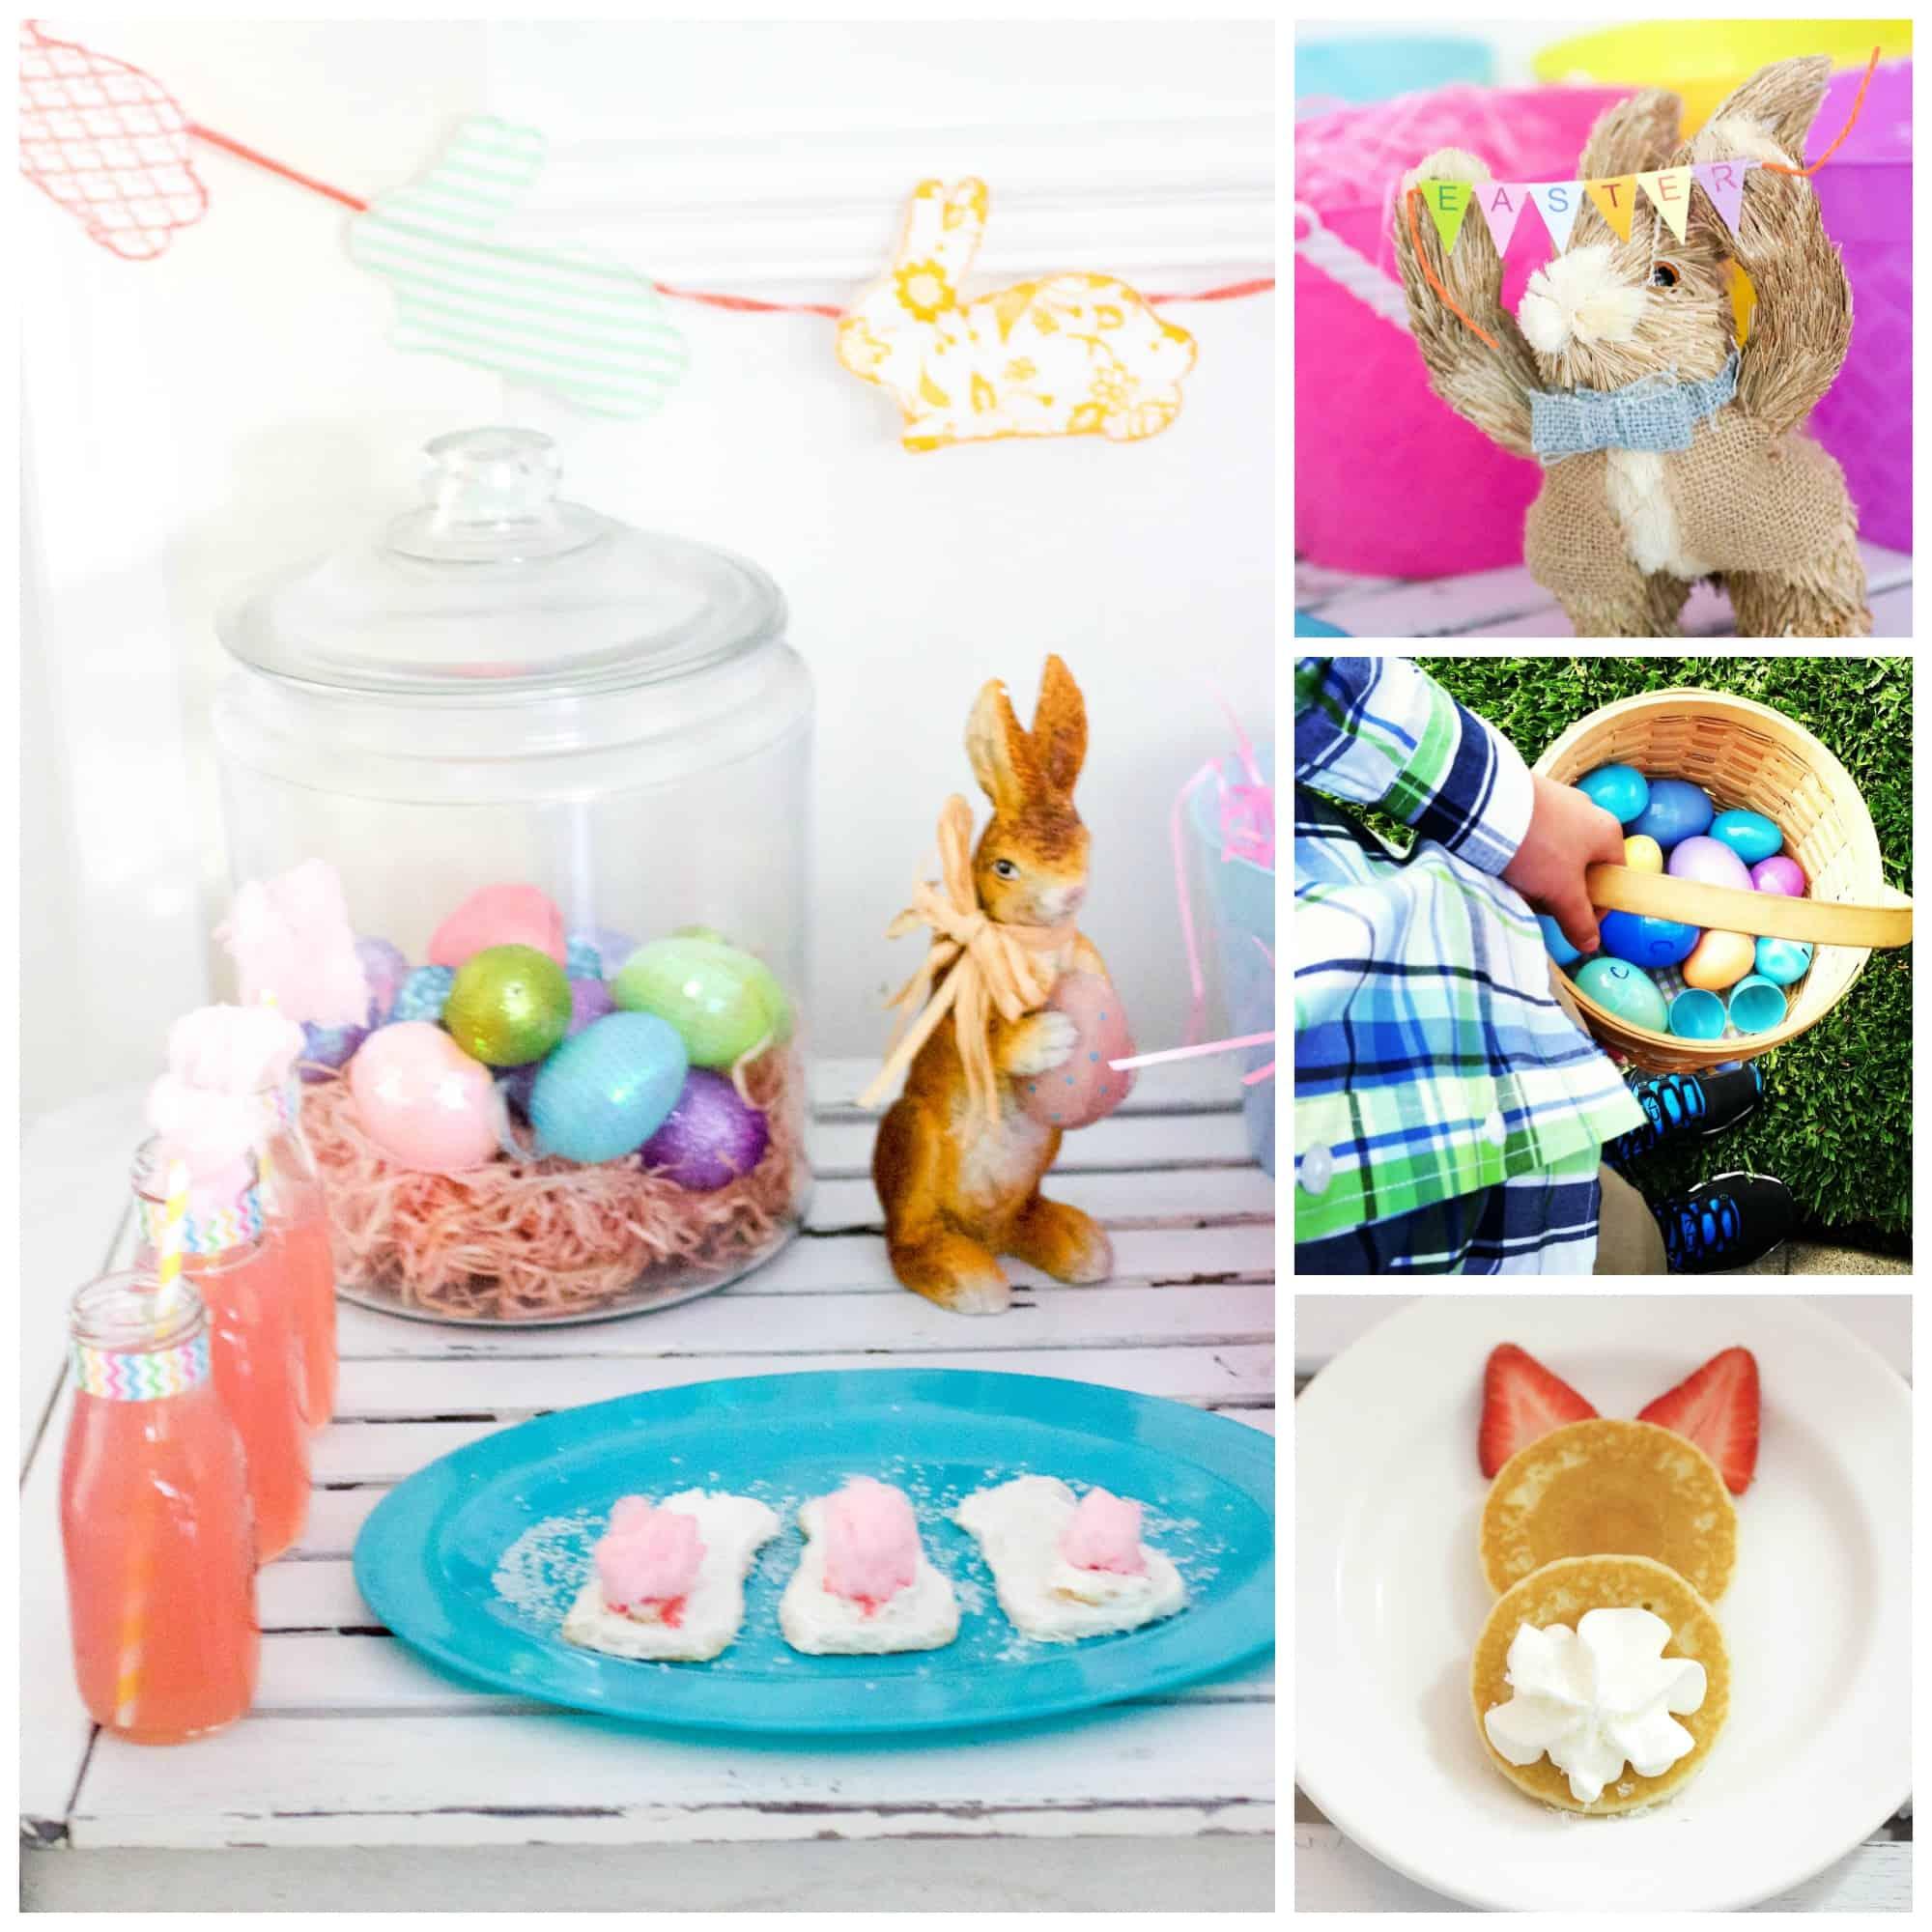 Easter Brunch and Egg Hunt Ideas